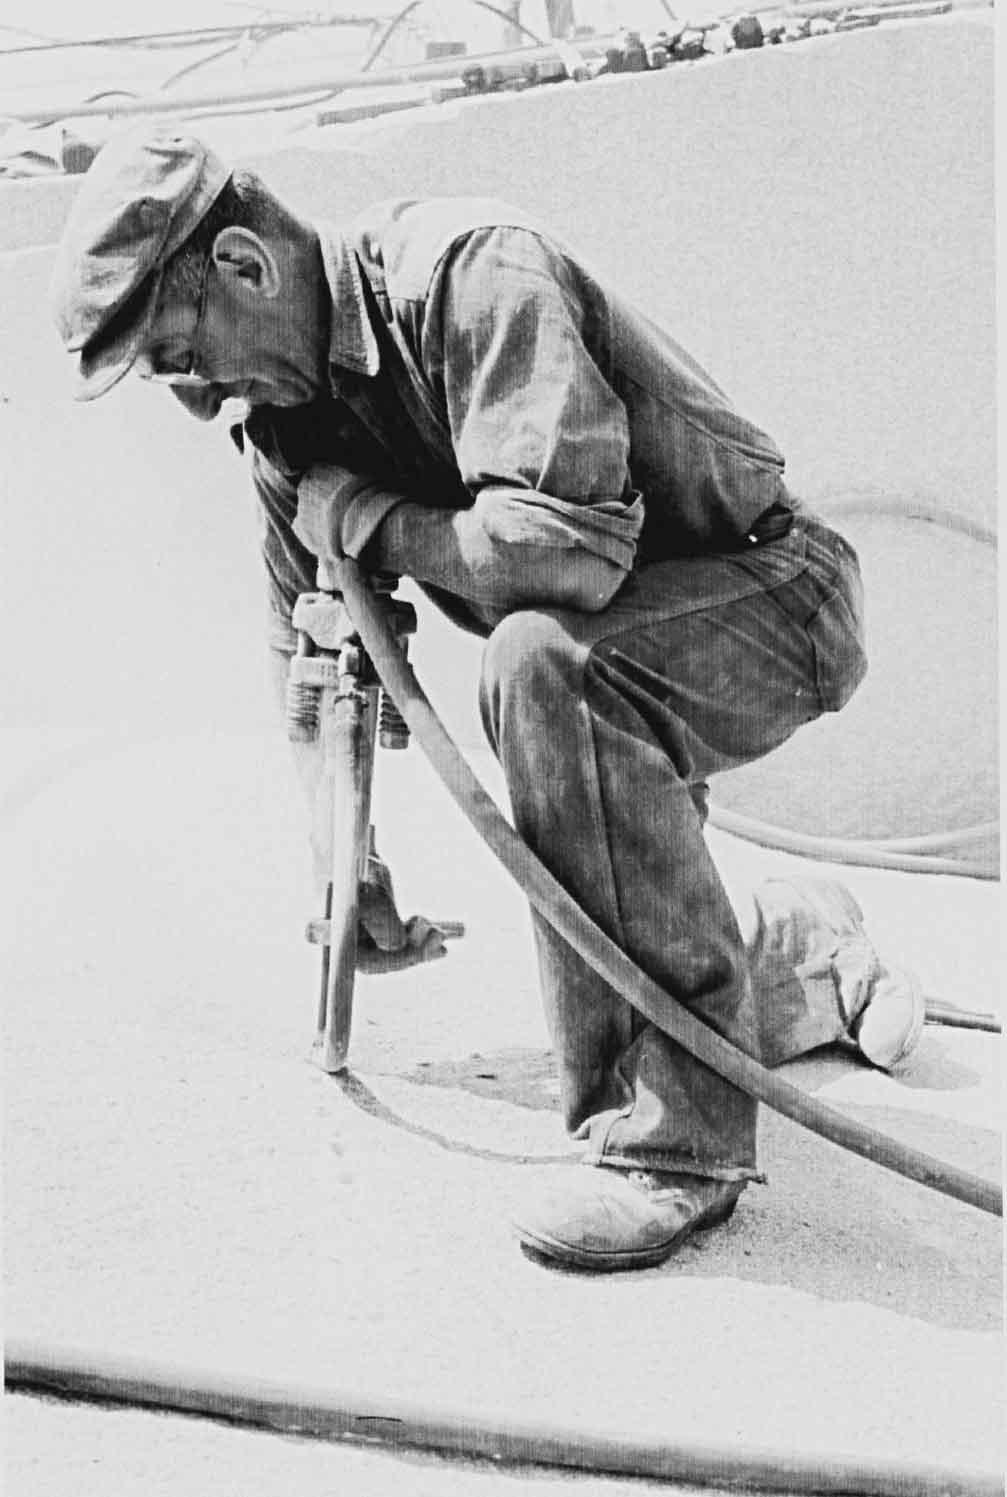 Adams Granite Historical Drilling